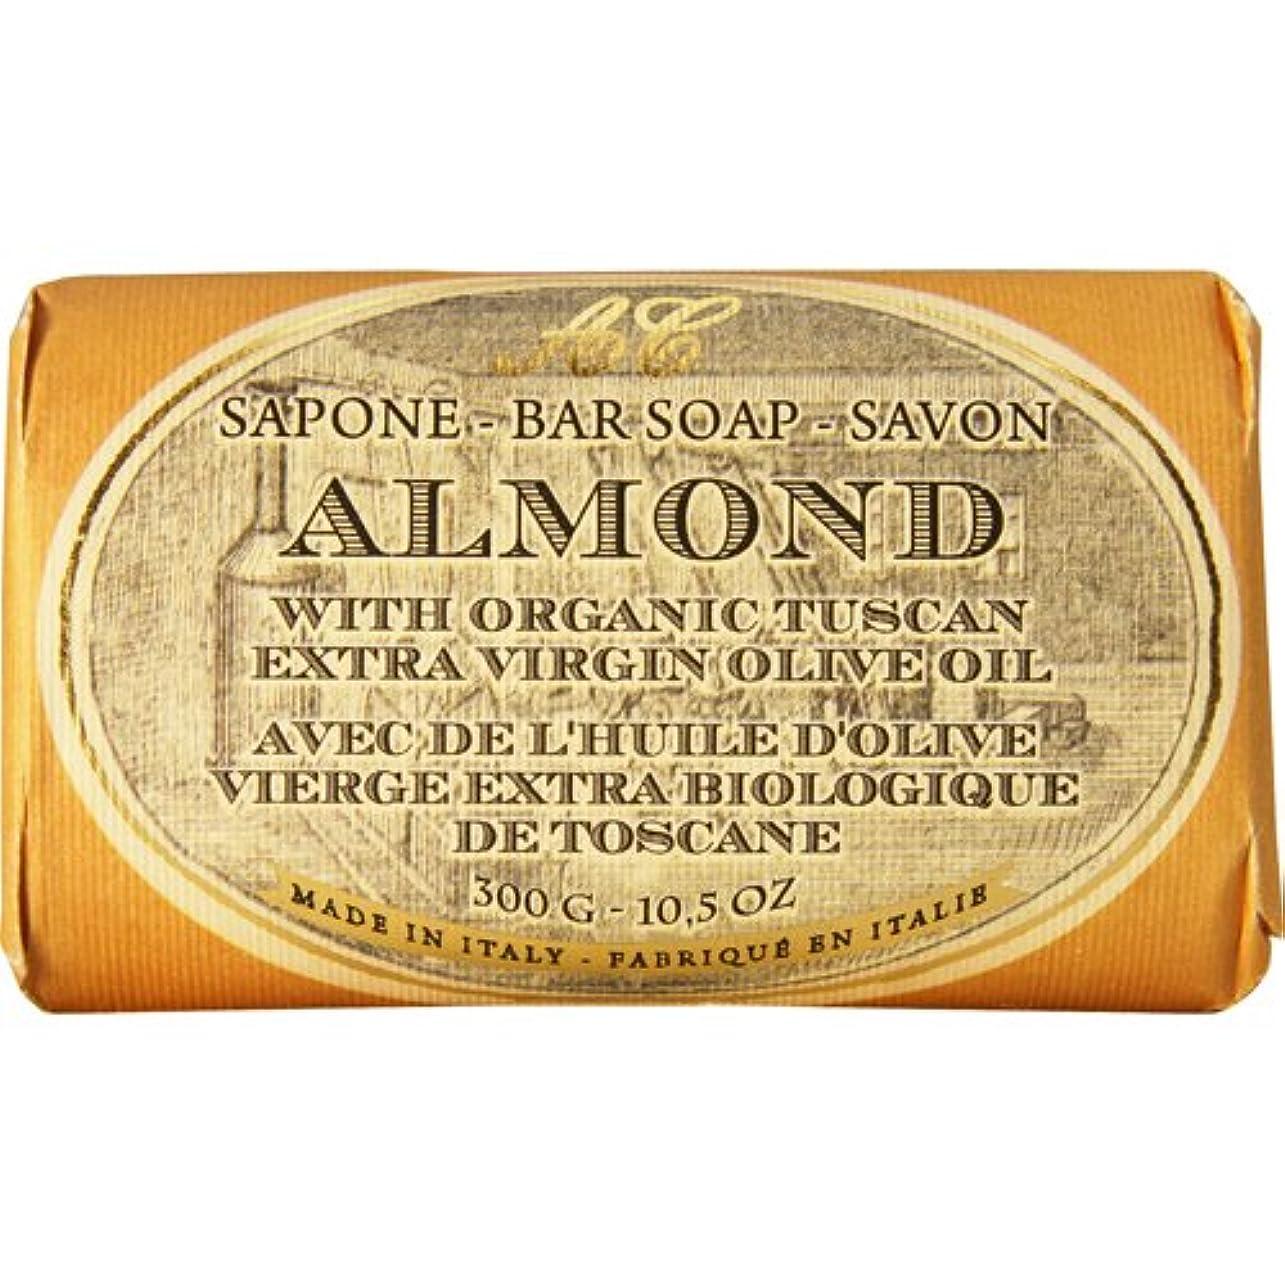 クリスマス深めるモルヒネSaponerire Fissi レトロシリーズ Bar Soap バーソープ 300g Almond アーモンドオイル